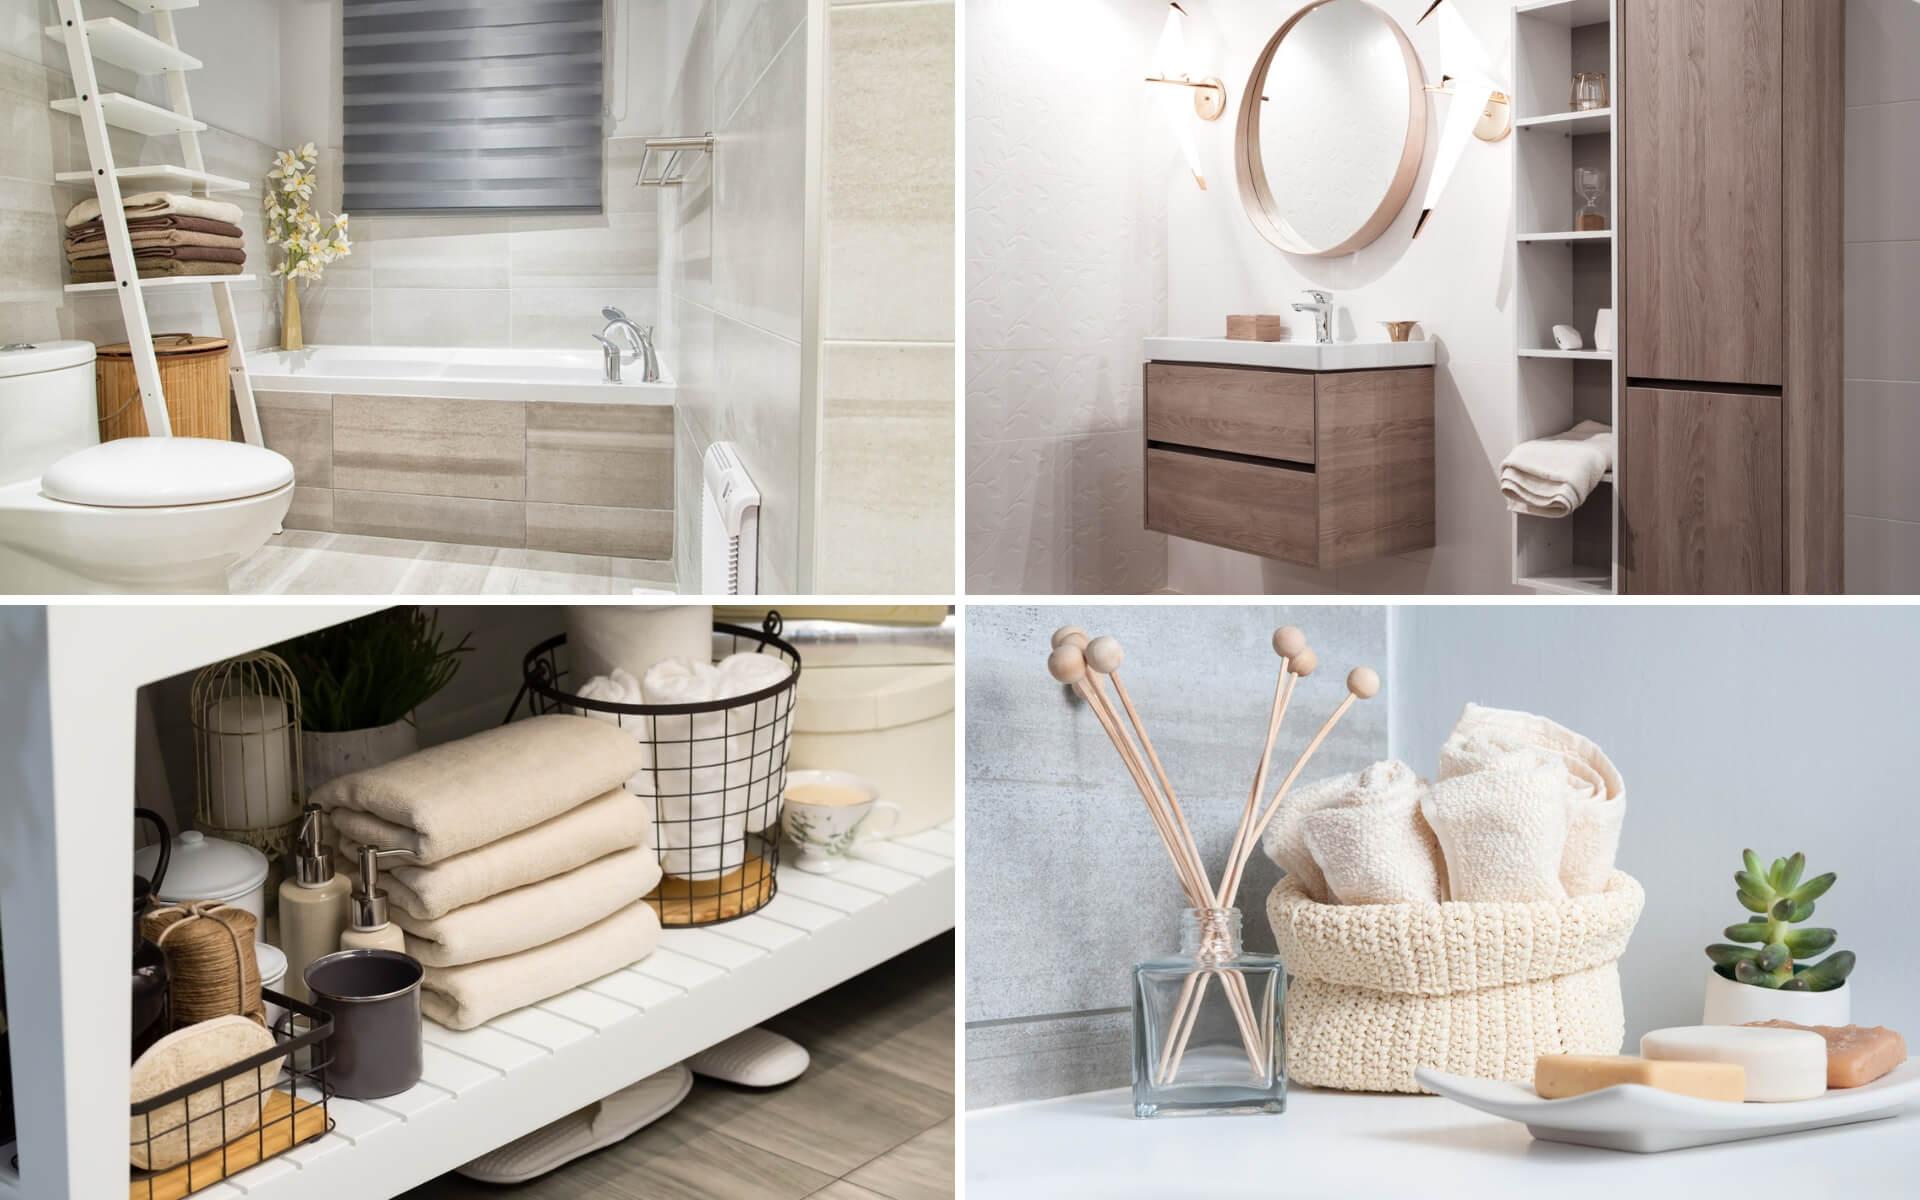 Consigli e suggerimenti per sfruttare al meglio tutti gli spazi in bagno